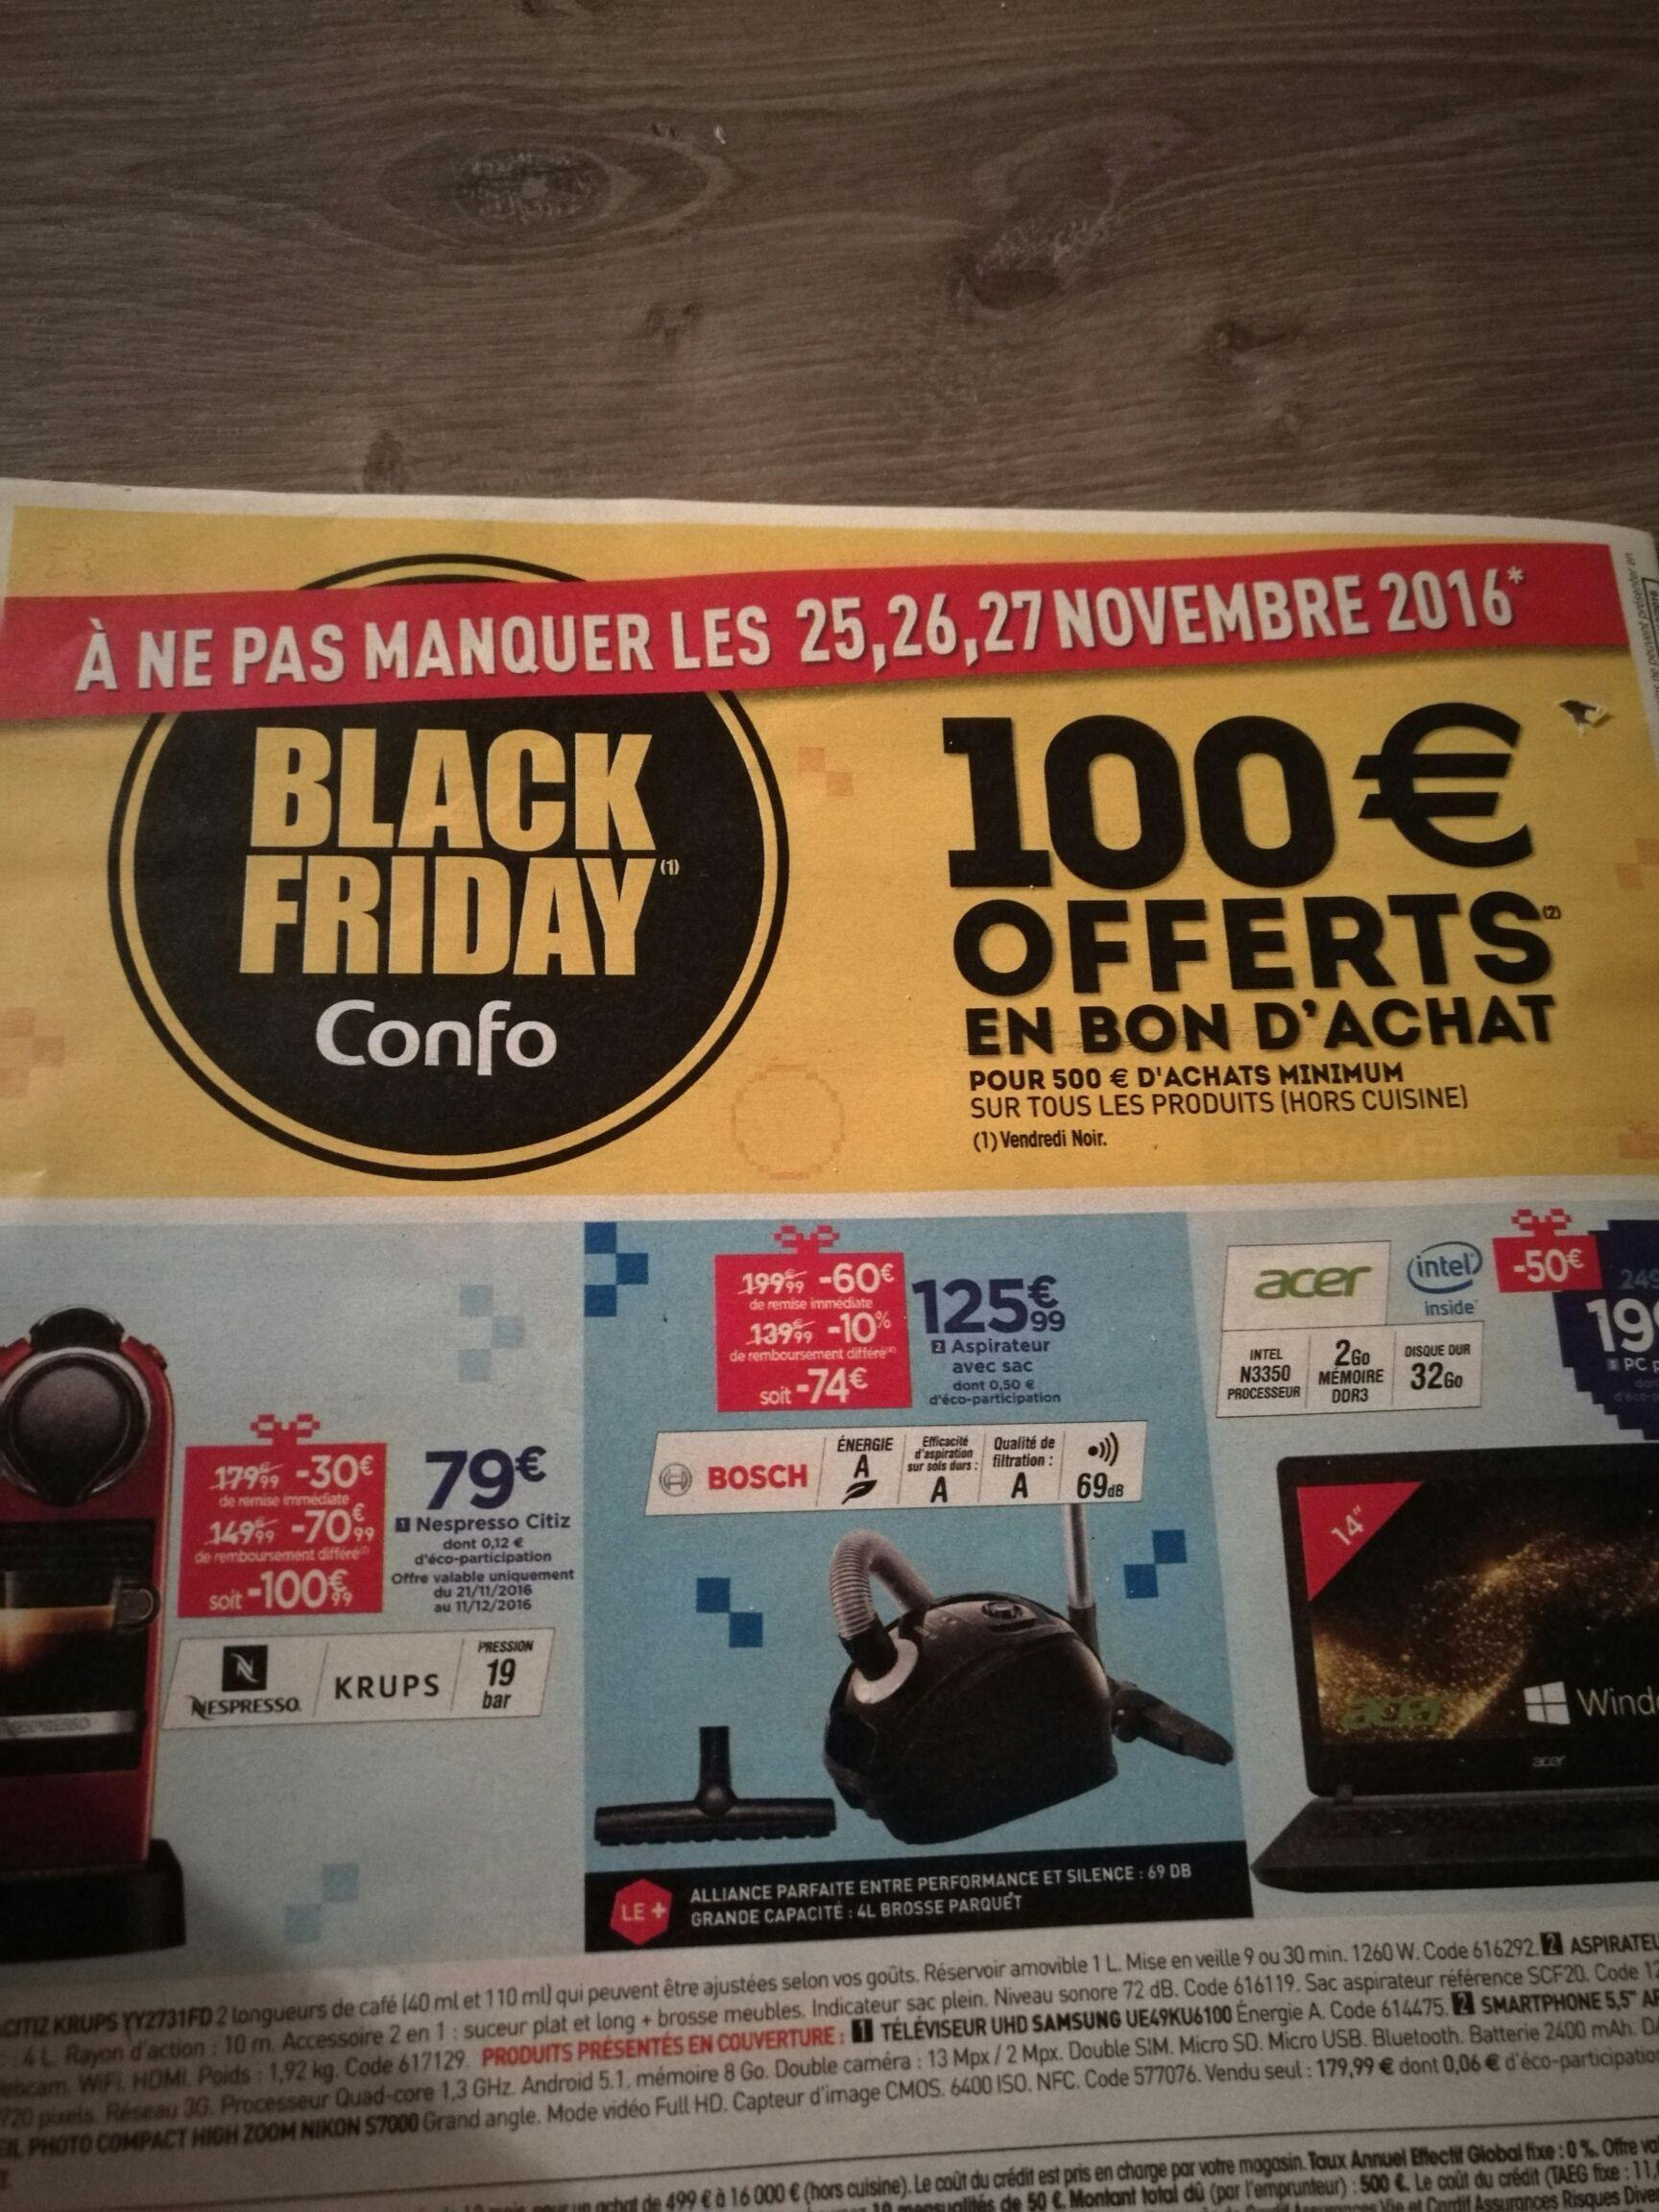 100€ offerts en bon d'achat dès 500€ d'achat